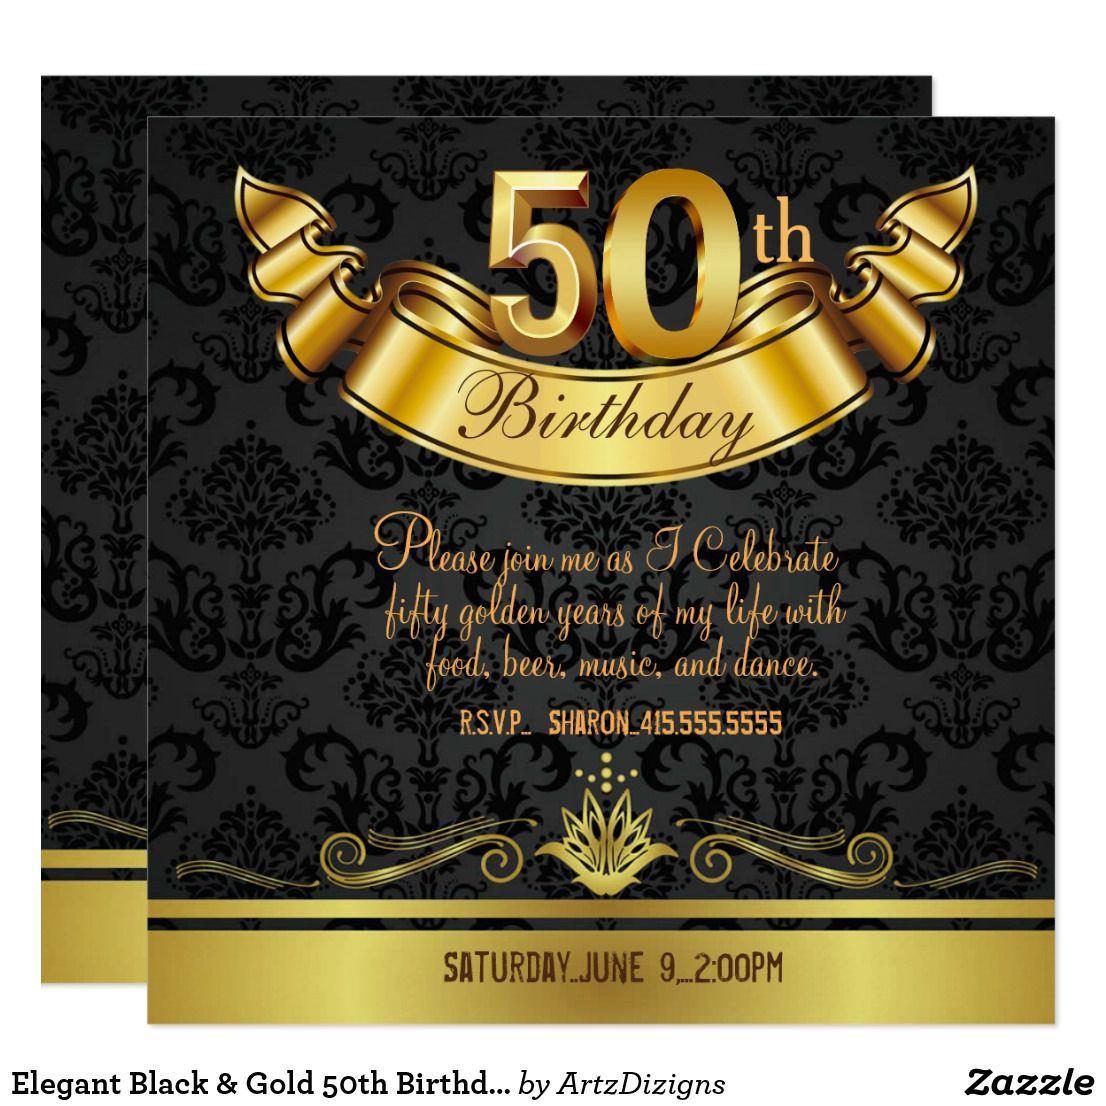 Elegant Black & Gold 50th Birthday Party Invitation | Zazzle.com | 50th  birthday party invitations, 50th birthday party, Birthday party invitations